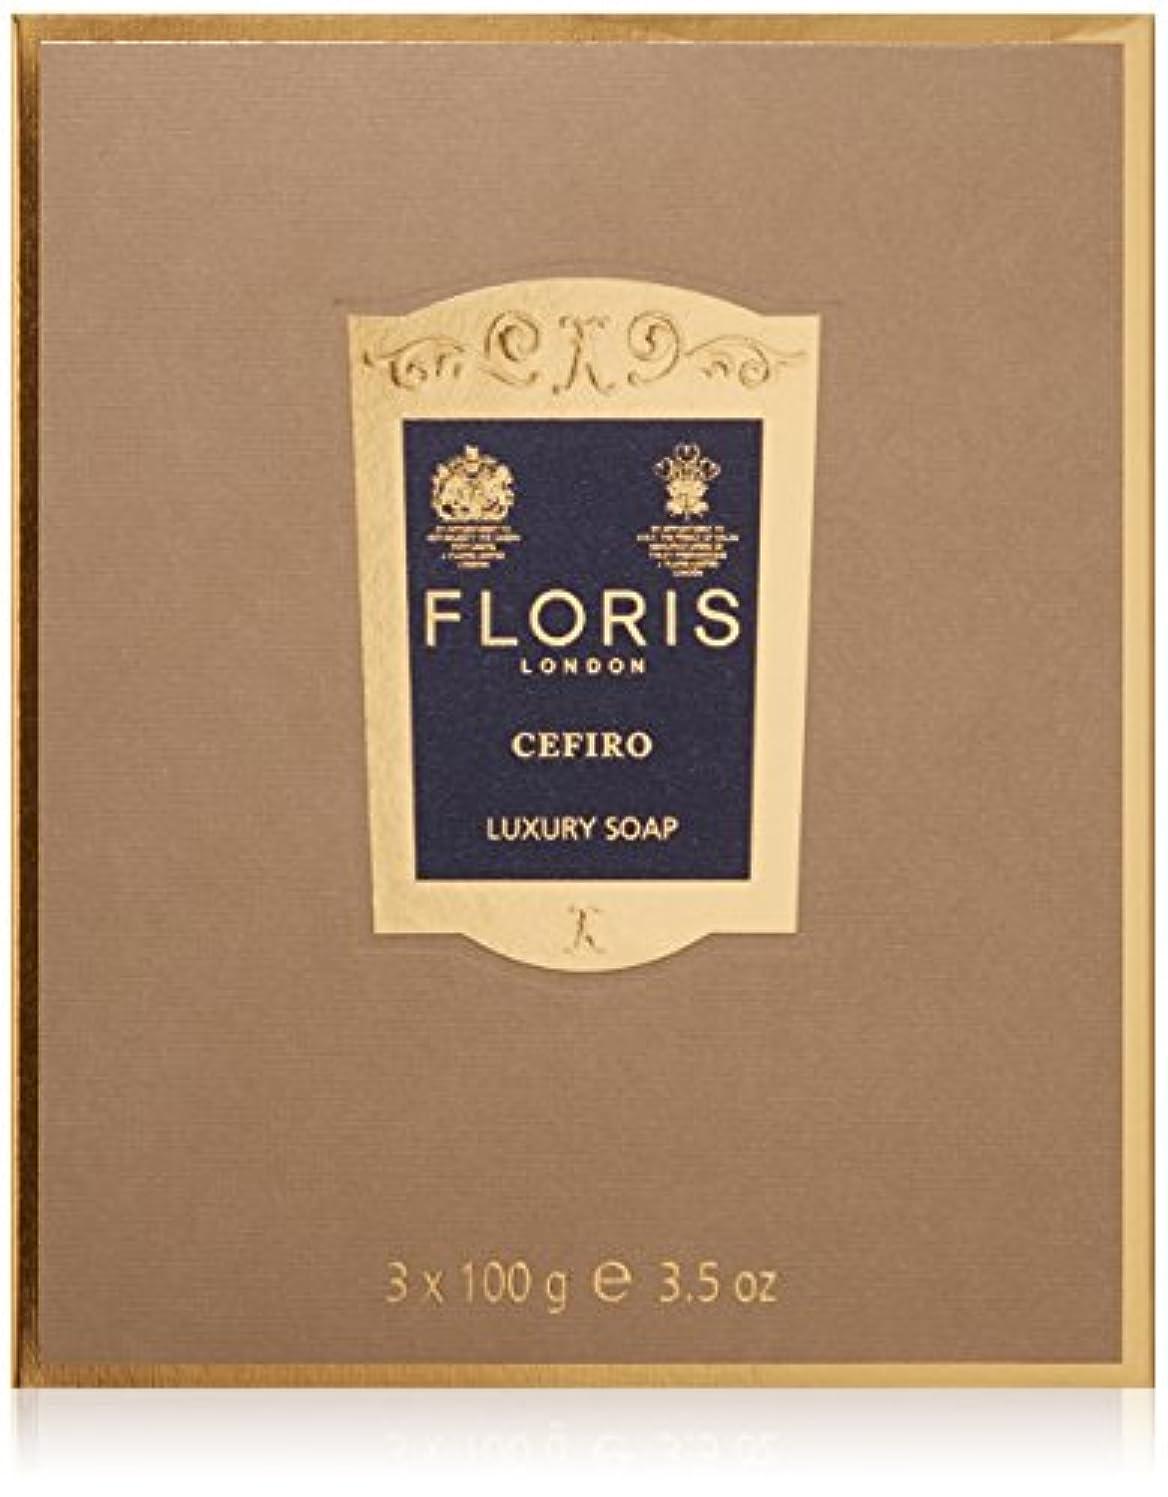 混乱モトリー小さいフローリス ラグジュアリーソープCF(セフィーロ) 3x100g/3.5oz